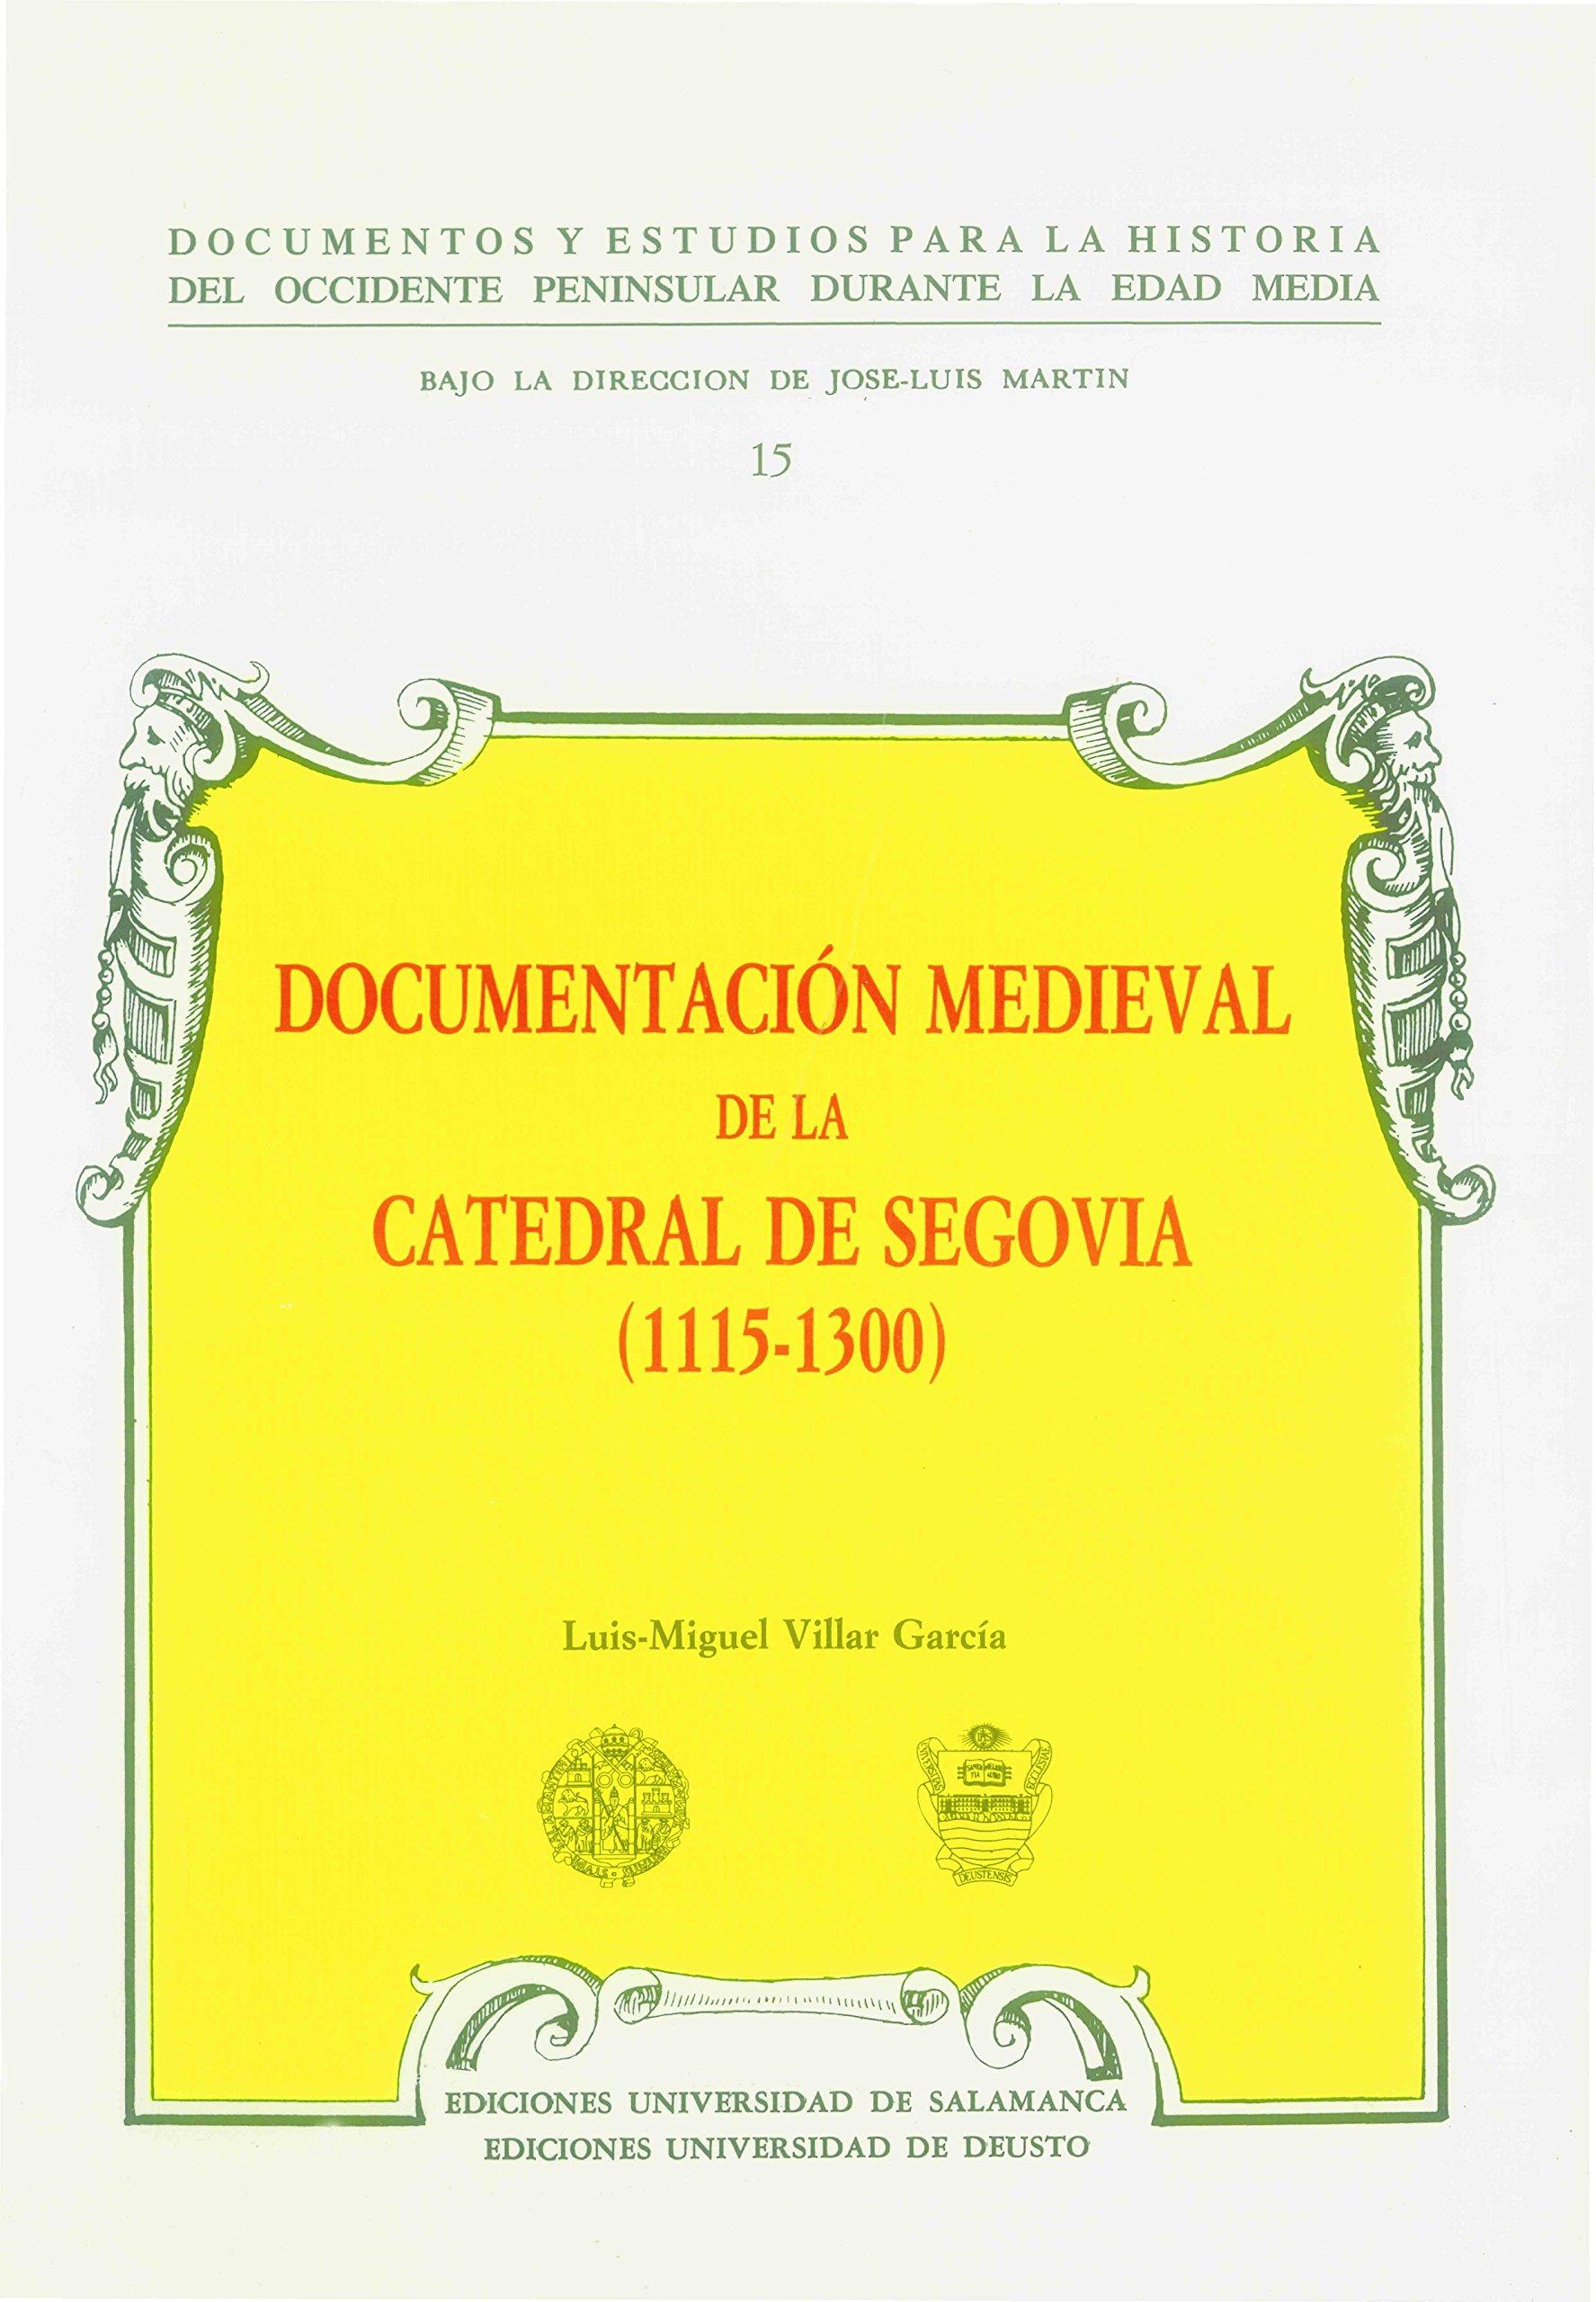 Documentación medieval de la catedral de Segovia 1115- 1300 Textos medievales 15: Amazon.es: Luis Miguel Villar García: Libros